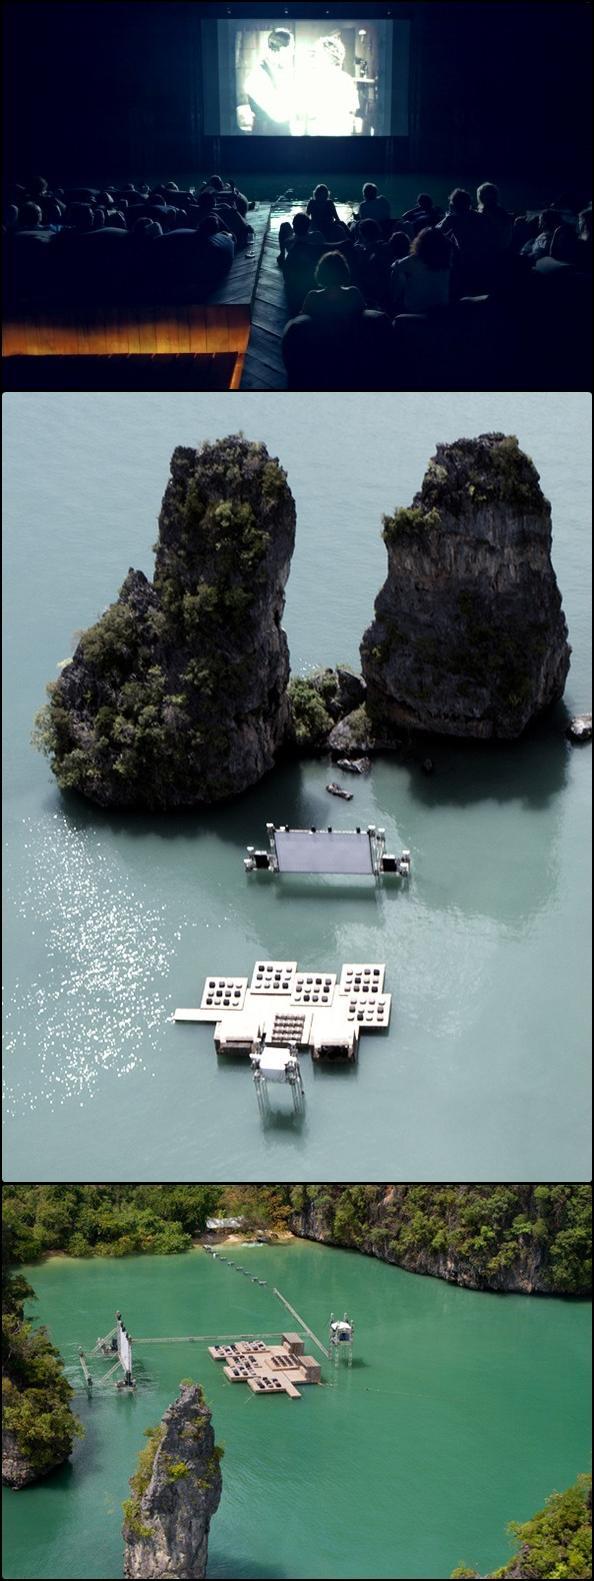 Piękne kino na wodzie!